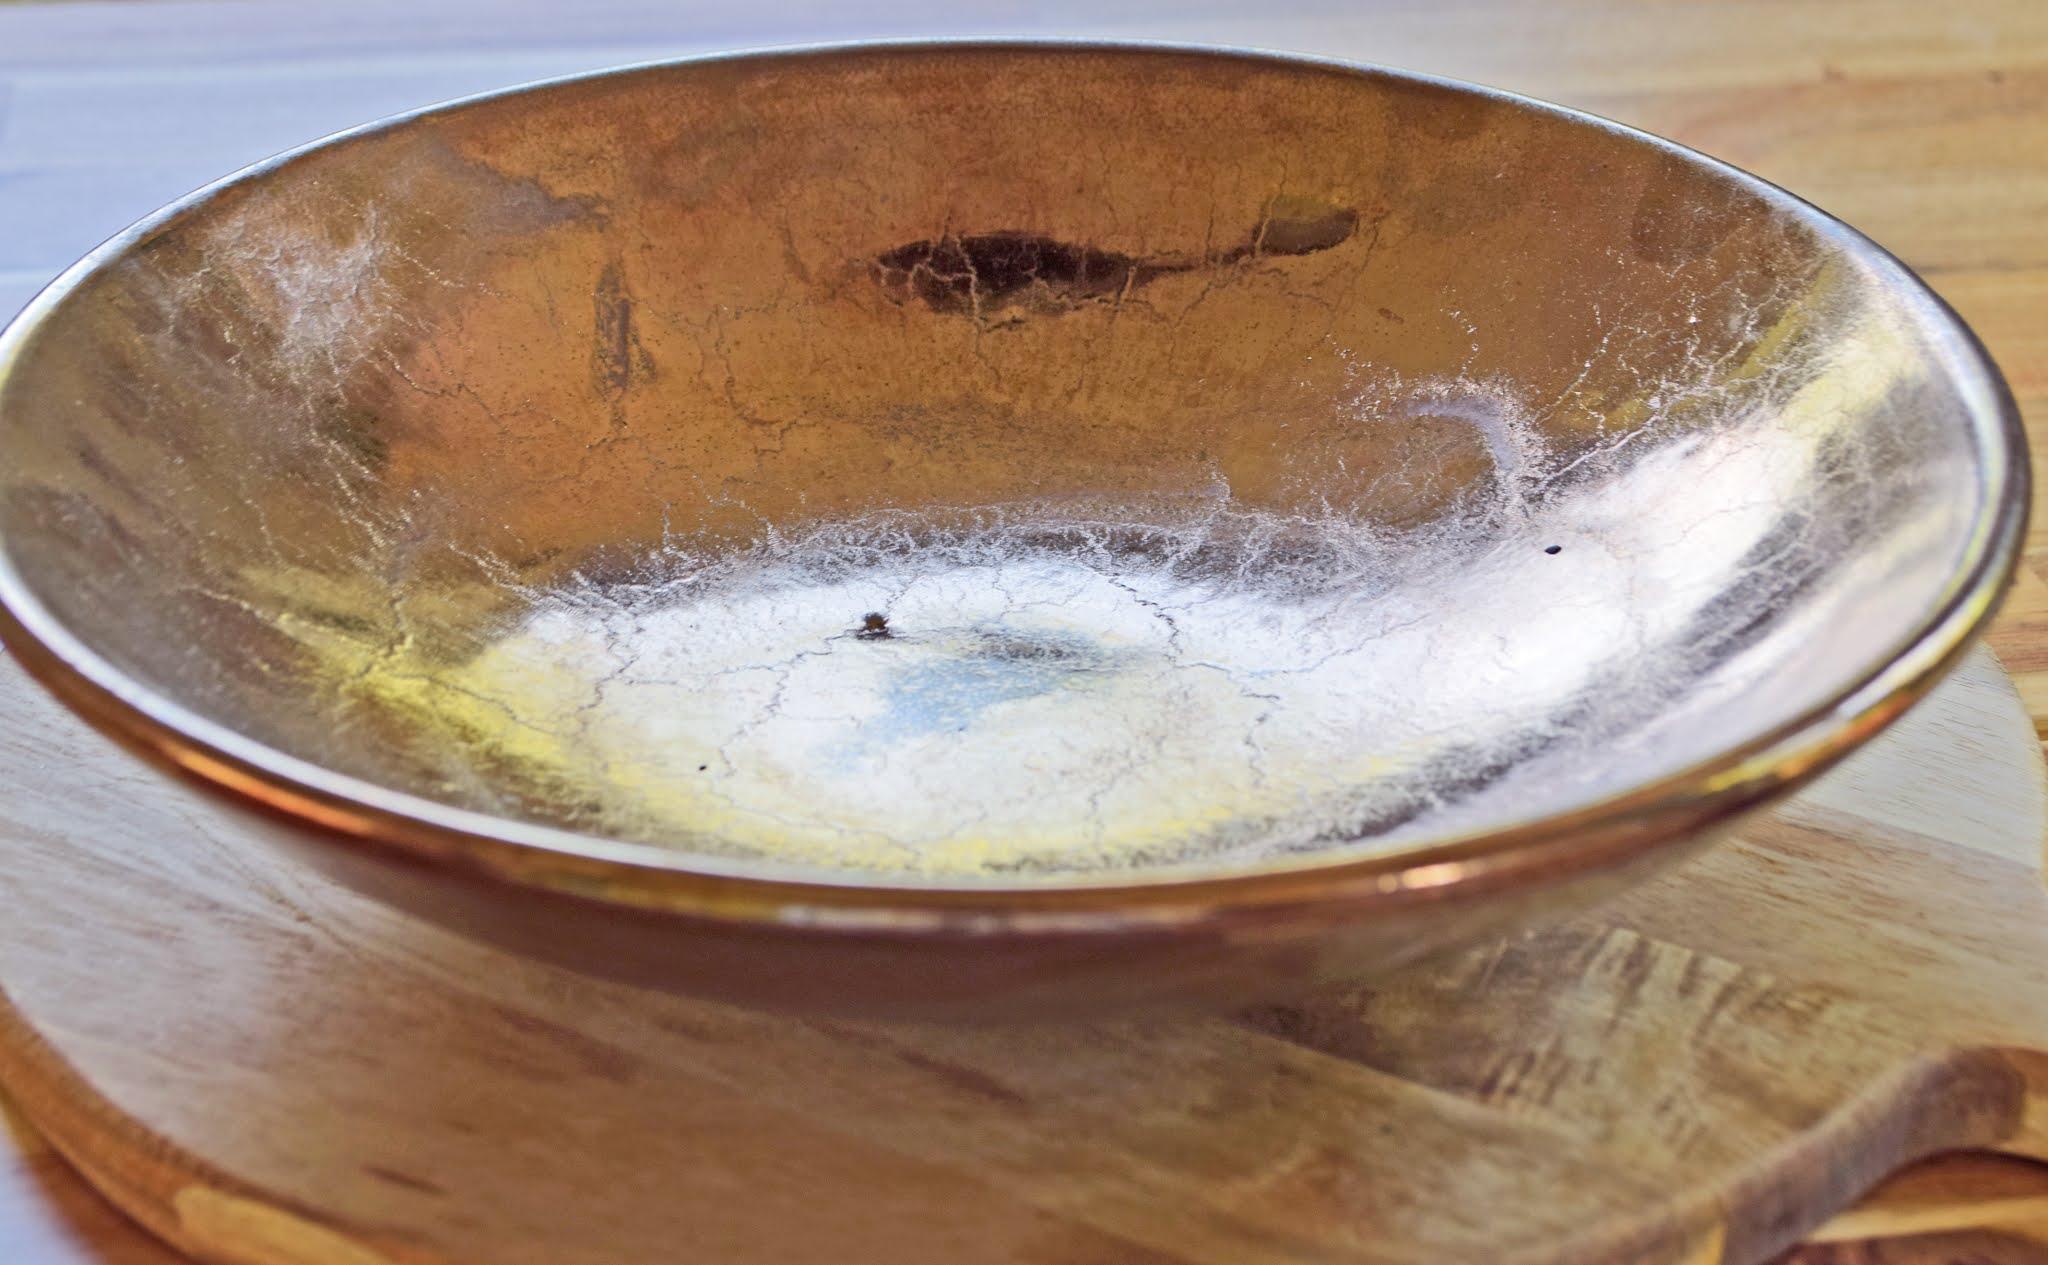 recznie robione miski